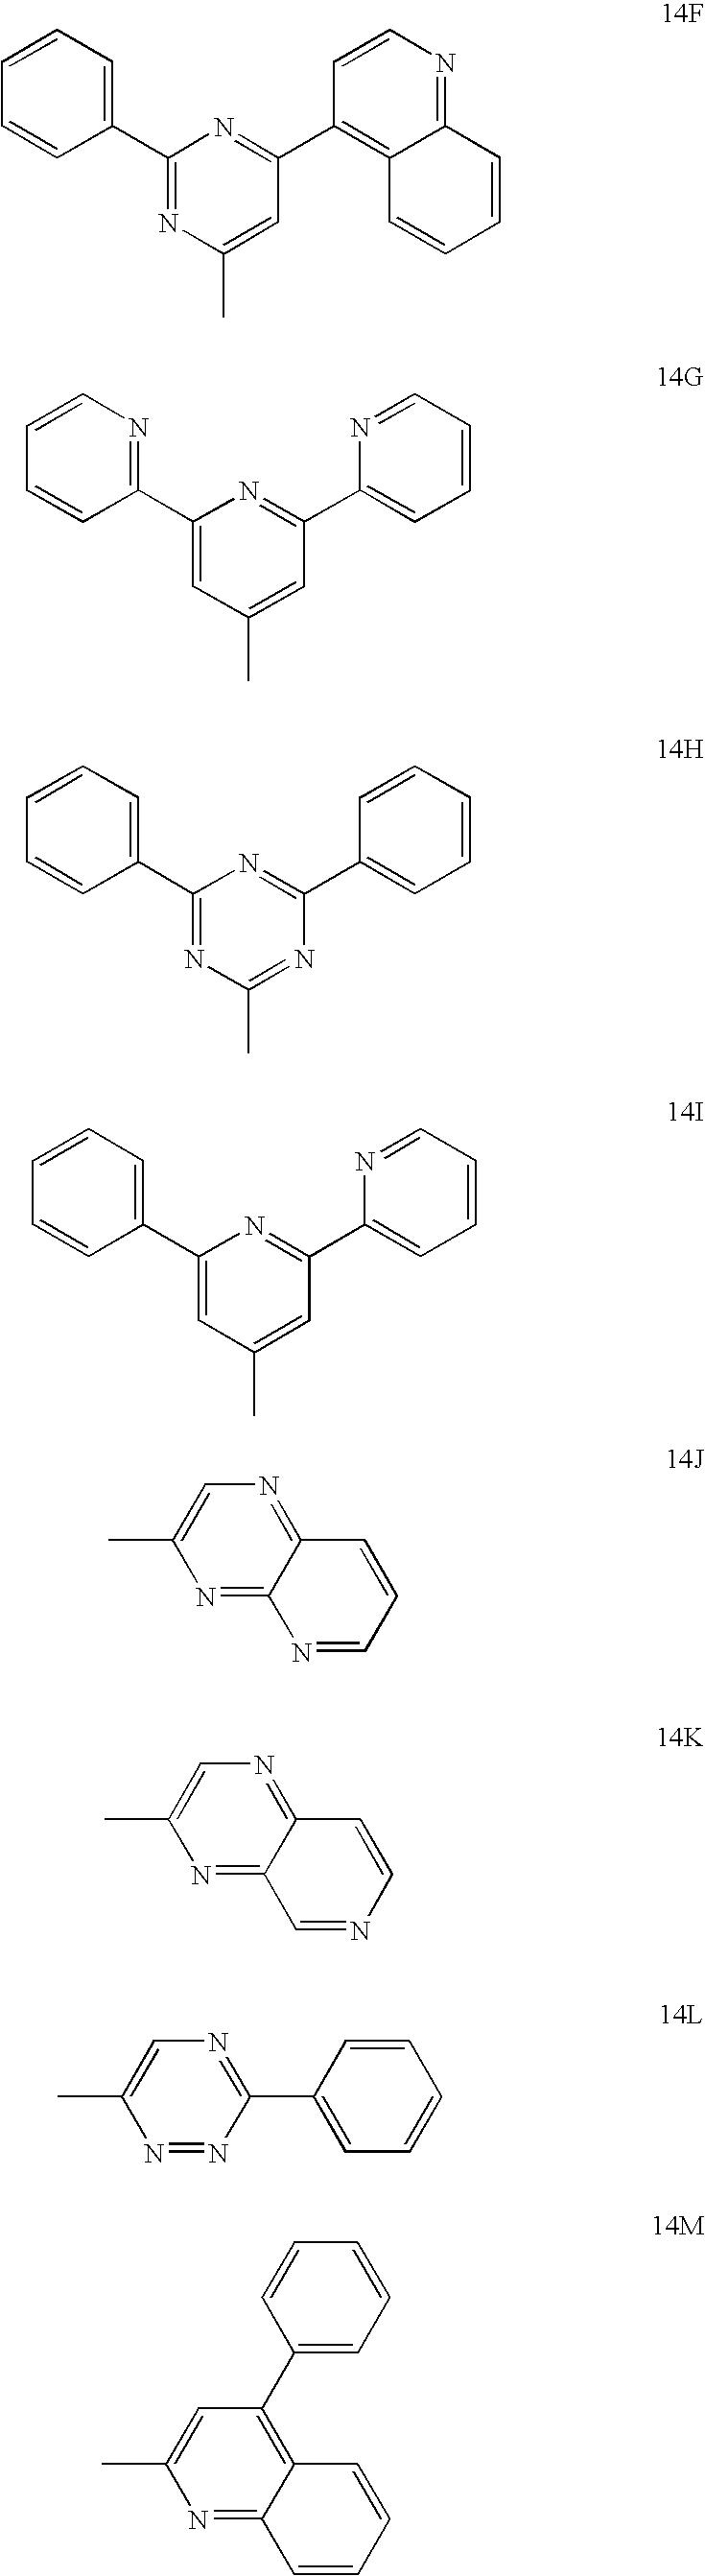 Figure US07875367-20110125-C00087